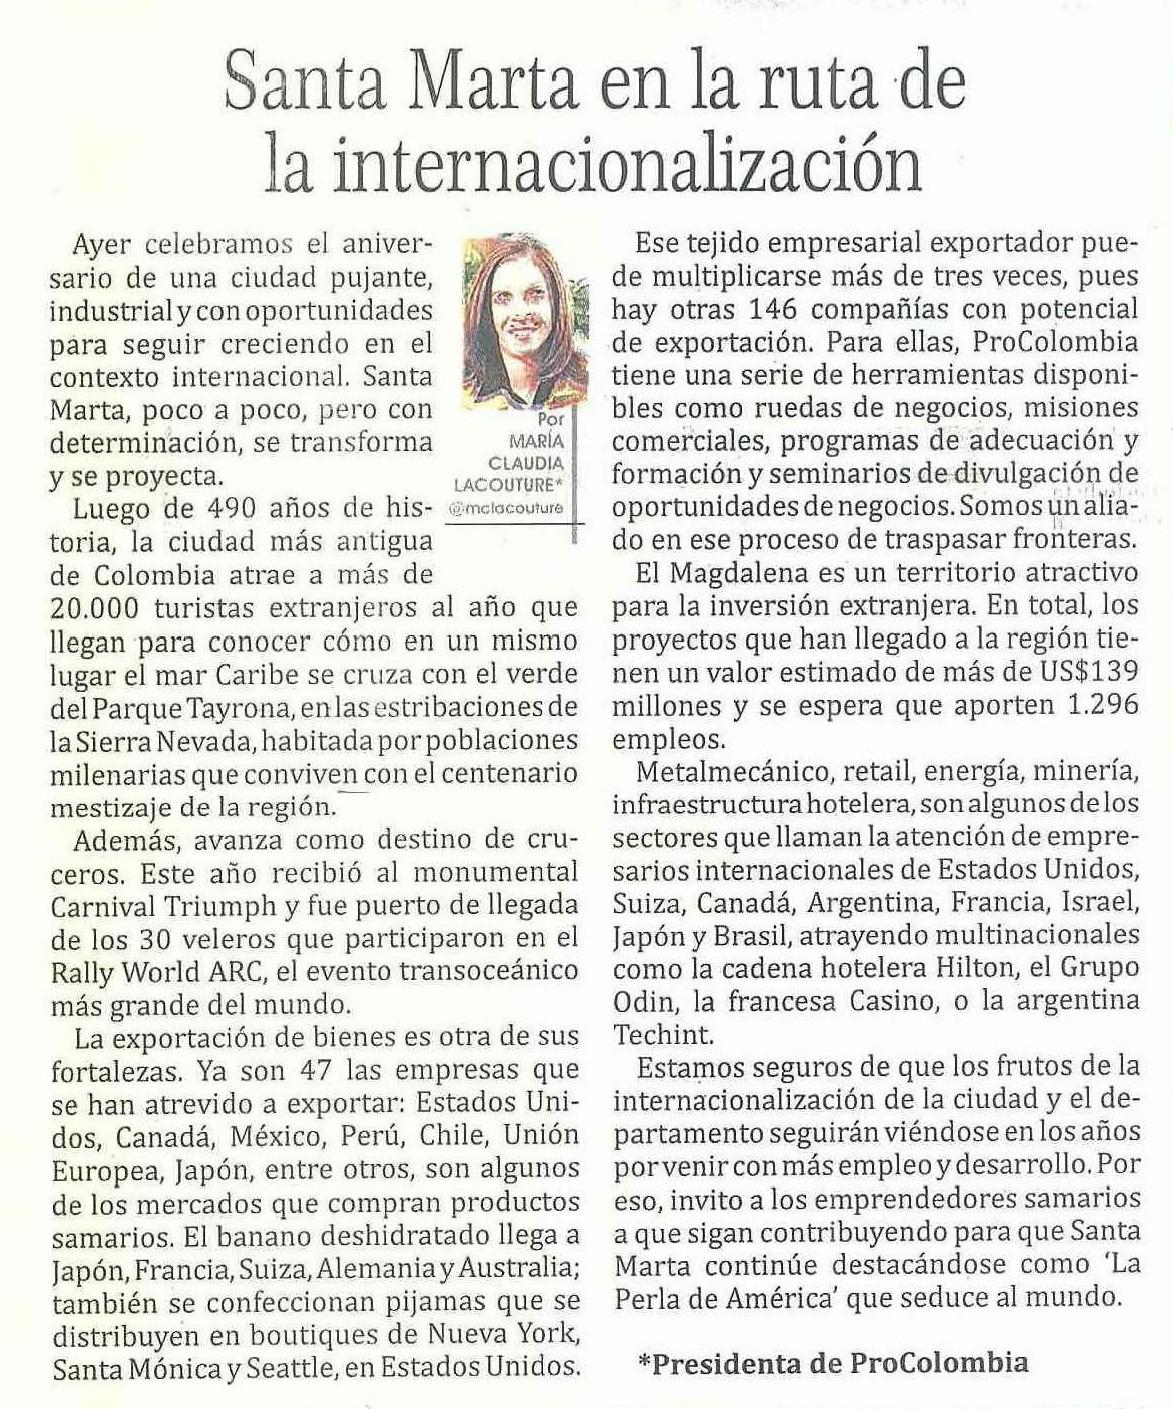 Santa Marta en la ruta de la internacionalización · Diario Hoy de Magdalena